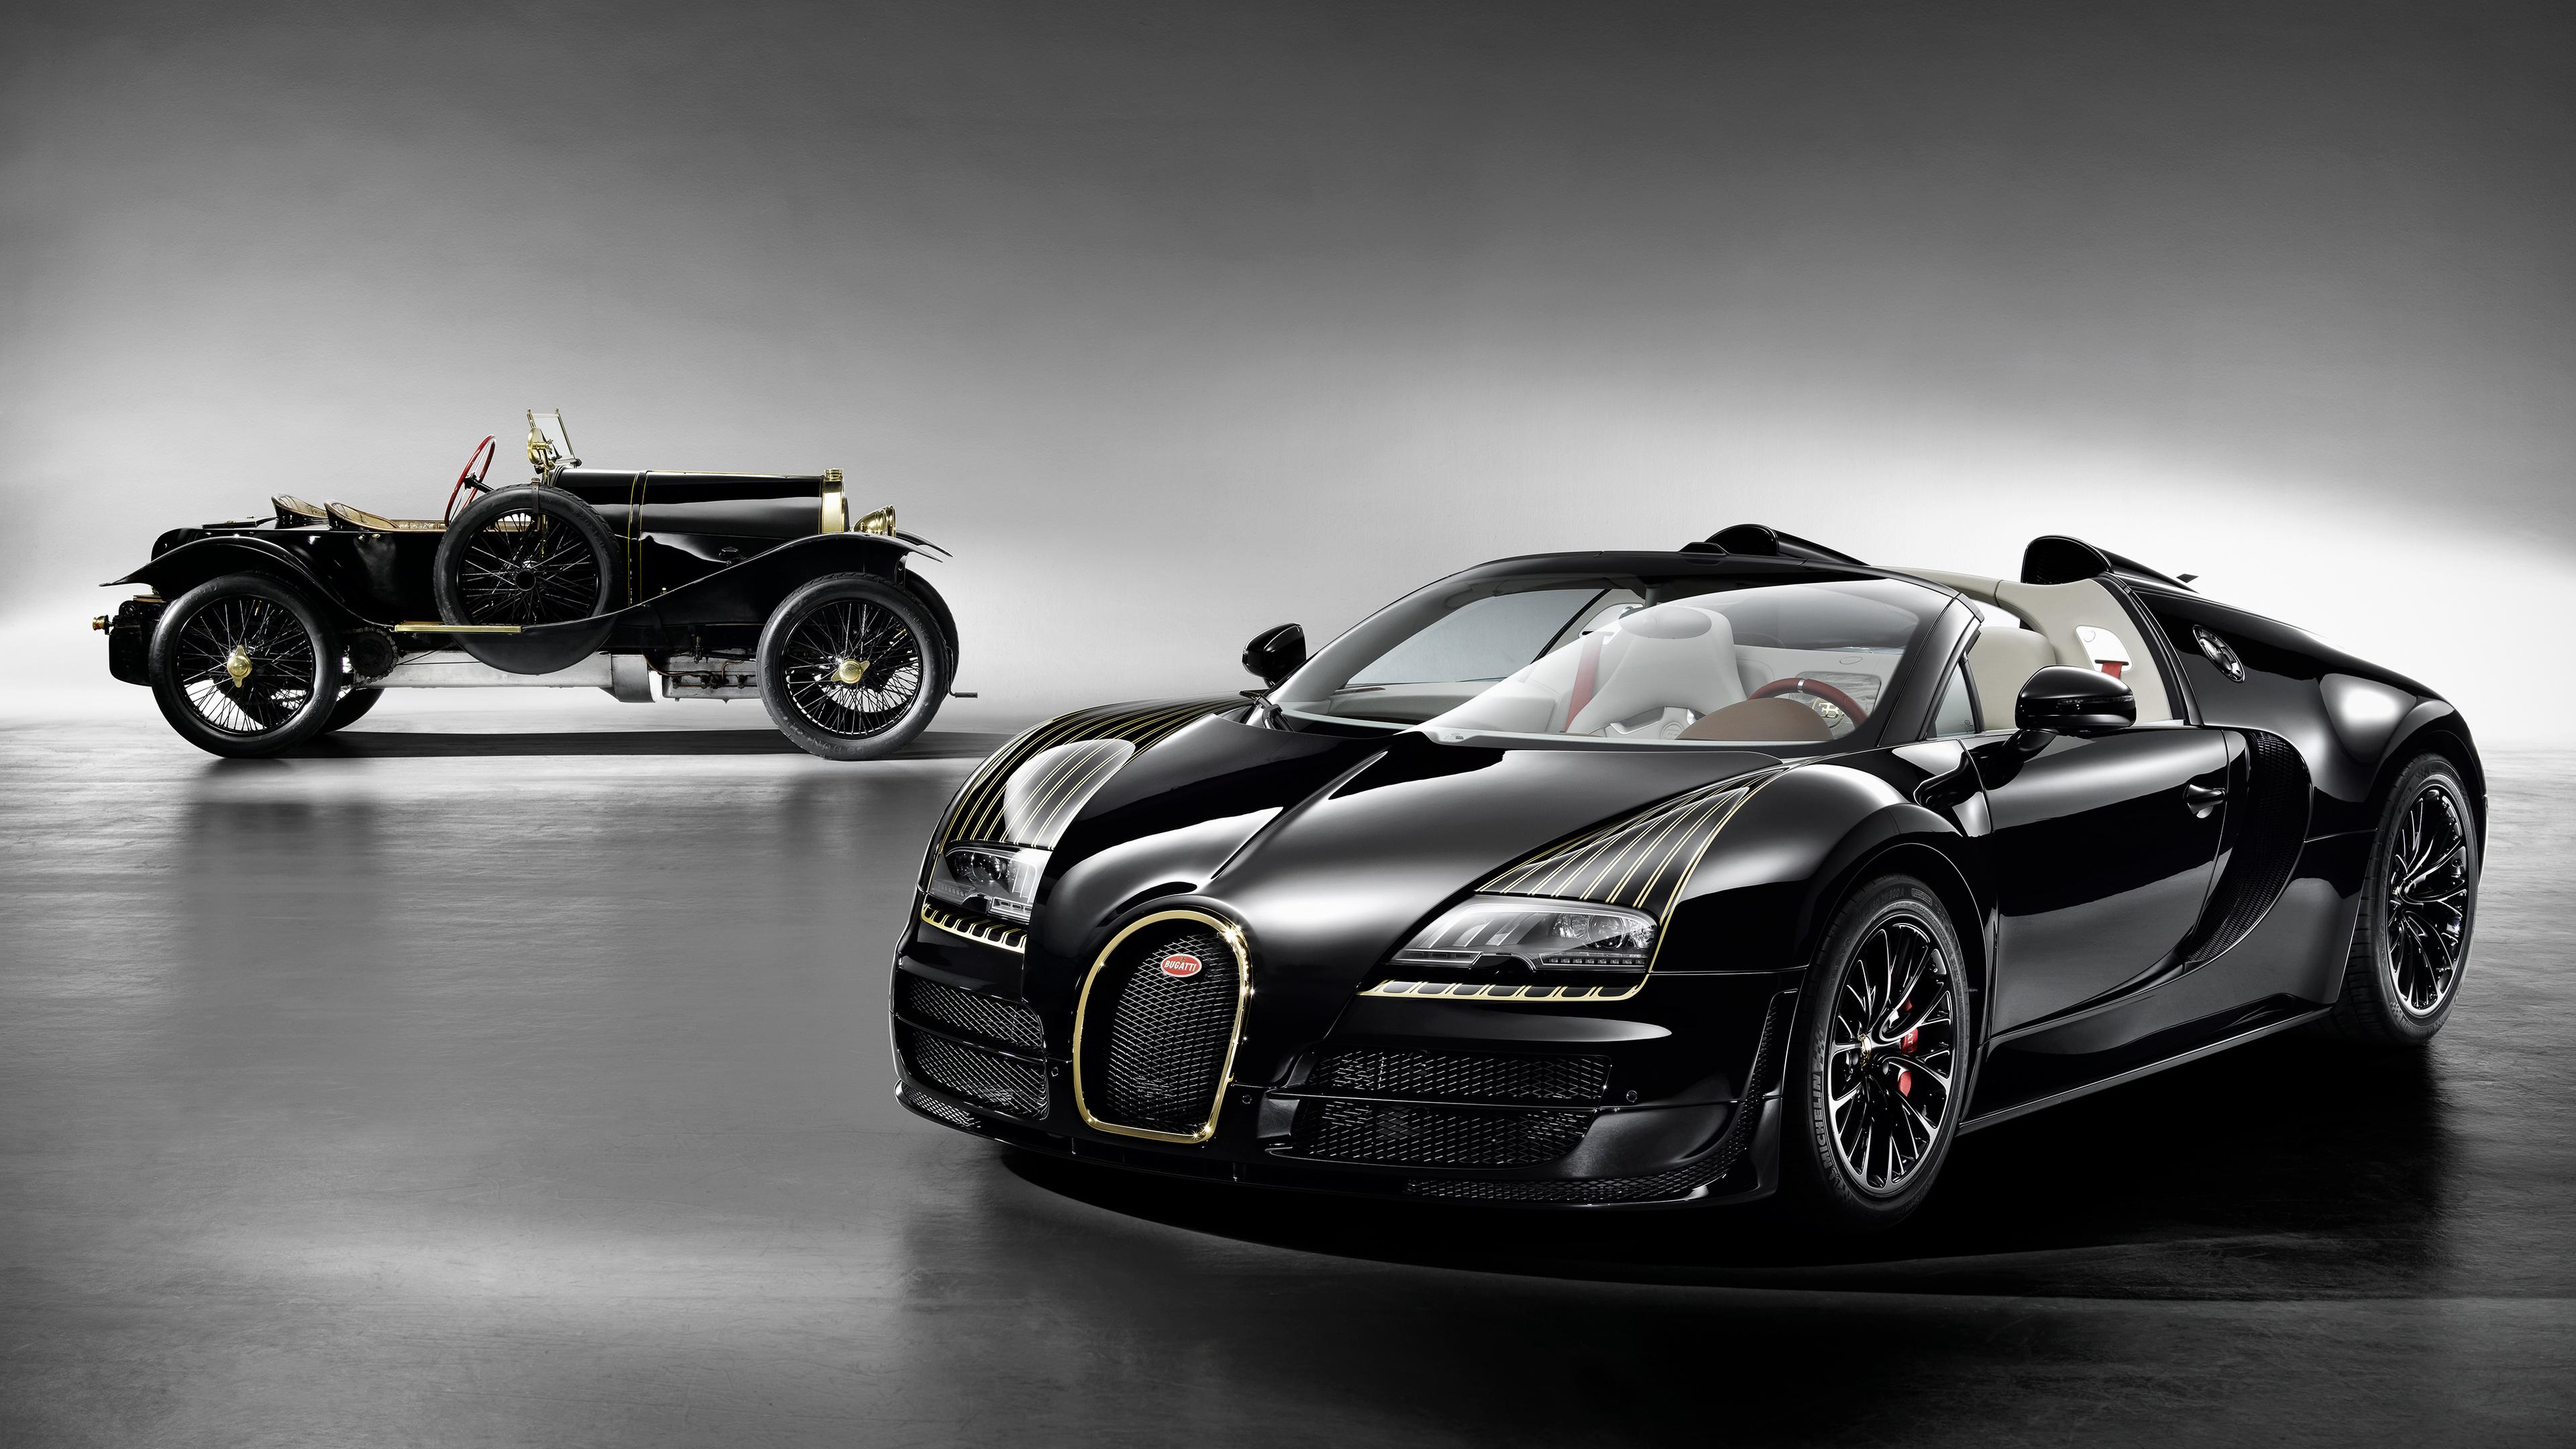 bugatti old and new 1569188668 - Bugatti Old And New - hd-wallpapers, bugatti wallpapers, 5k wallpapers, 4k-wallpapers